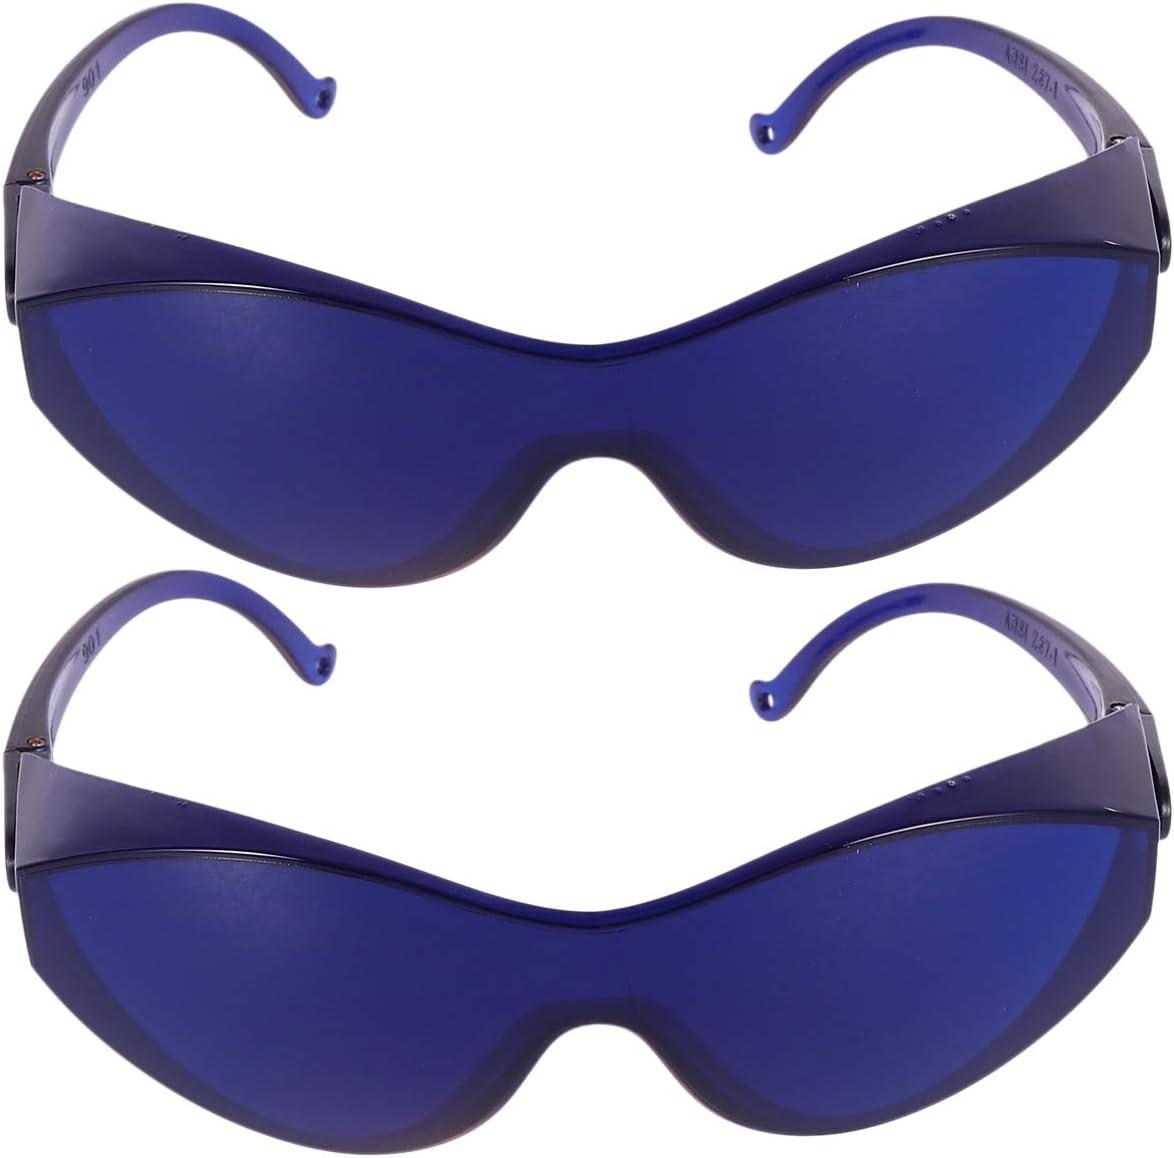 Artibetter 2 Piezas Gafas Protectoras Ipl Protección Ocular Médica Gafas Cosmetología Operador Gafas Gafas Protectoras para Los Ojos